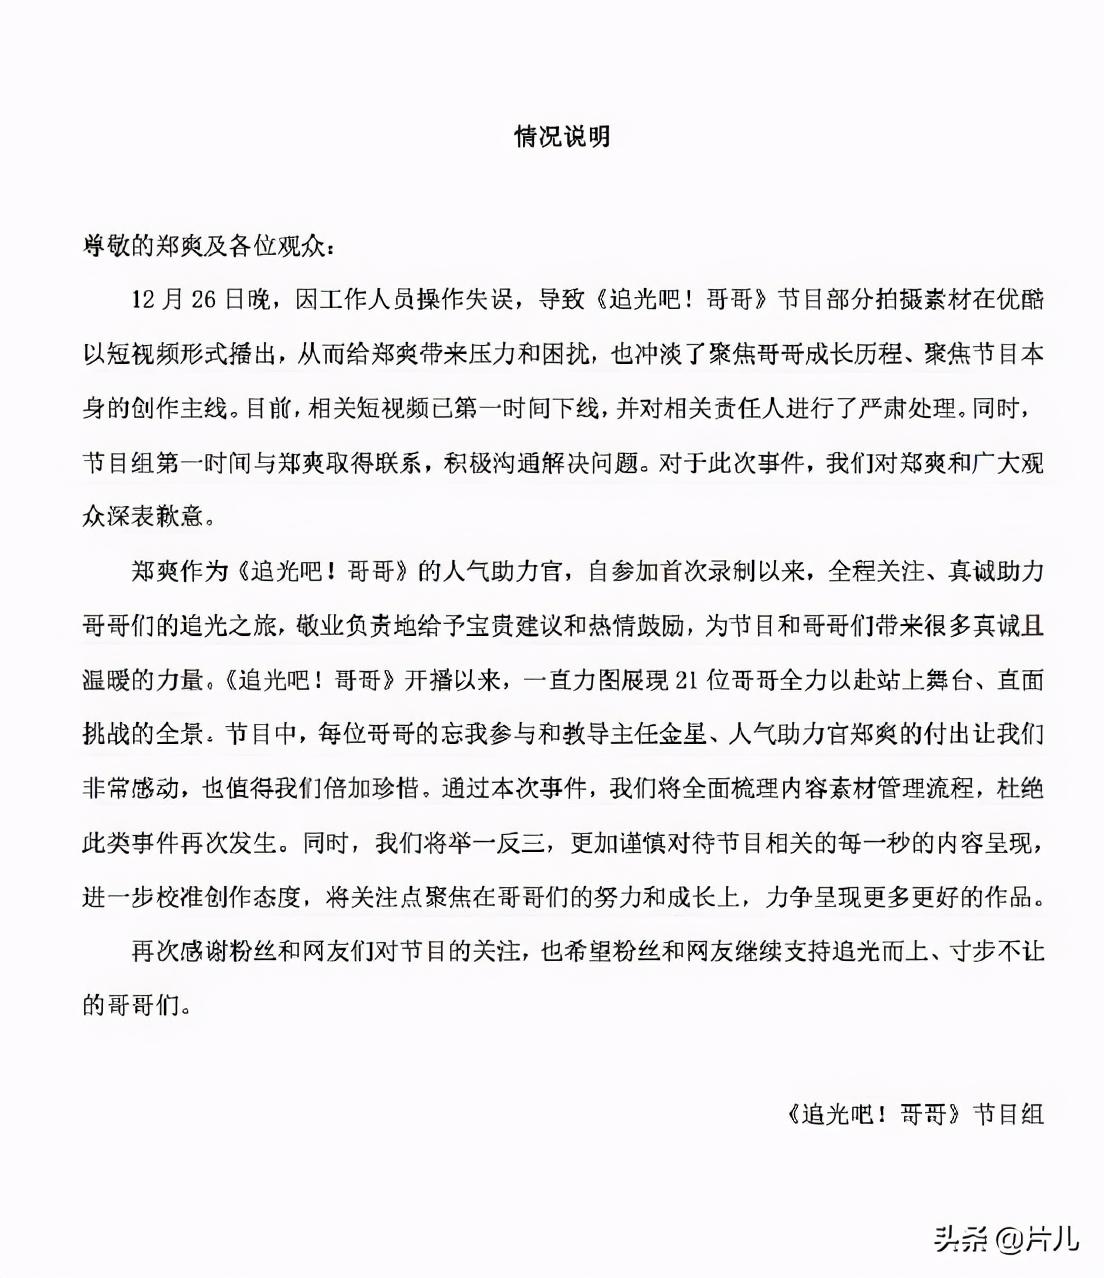 追光吧哥哥节目组道歉 向郑爽及观众道歉